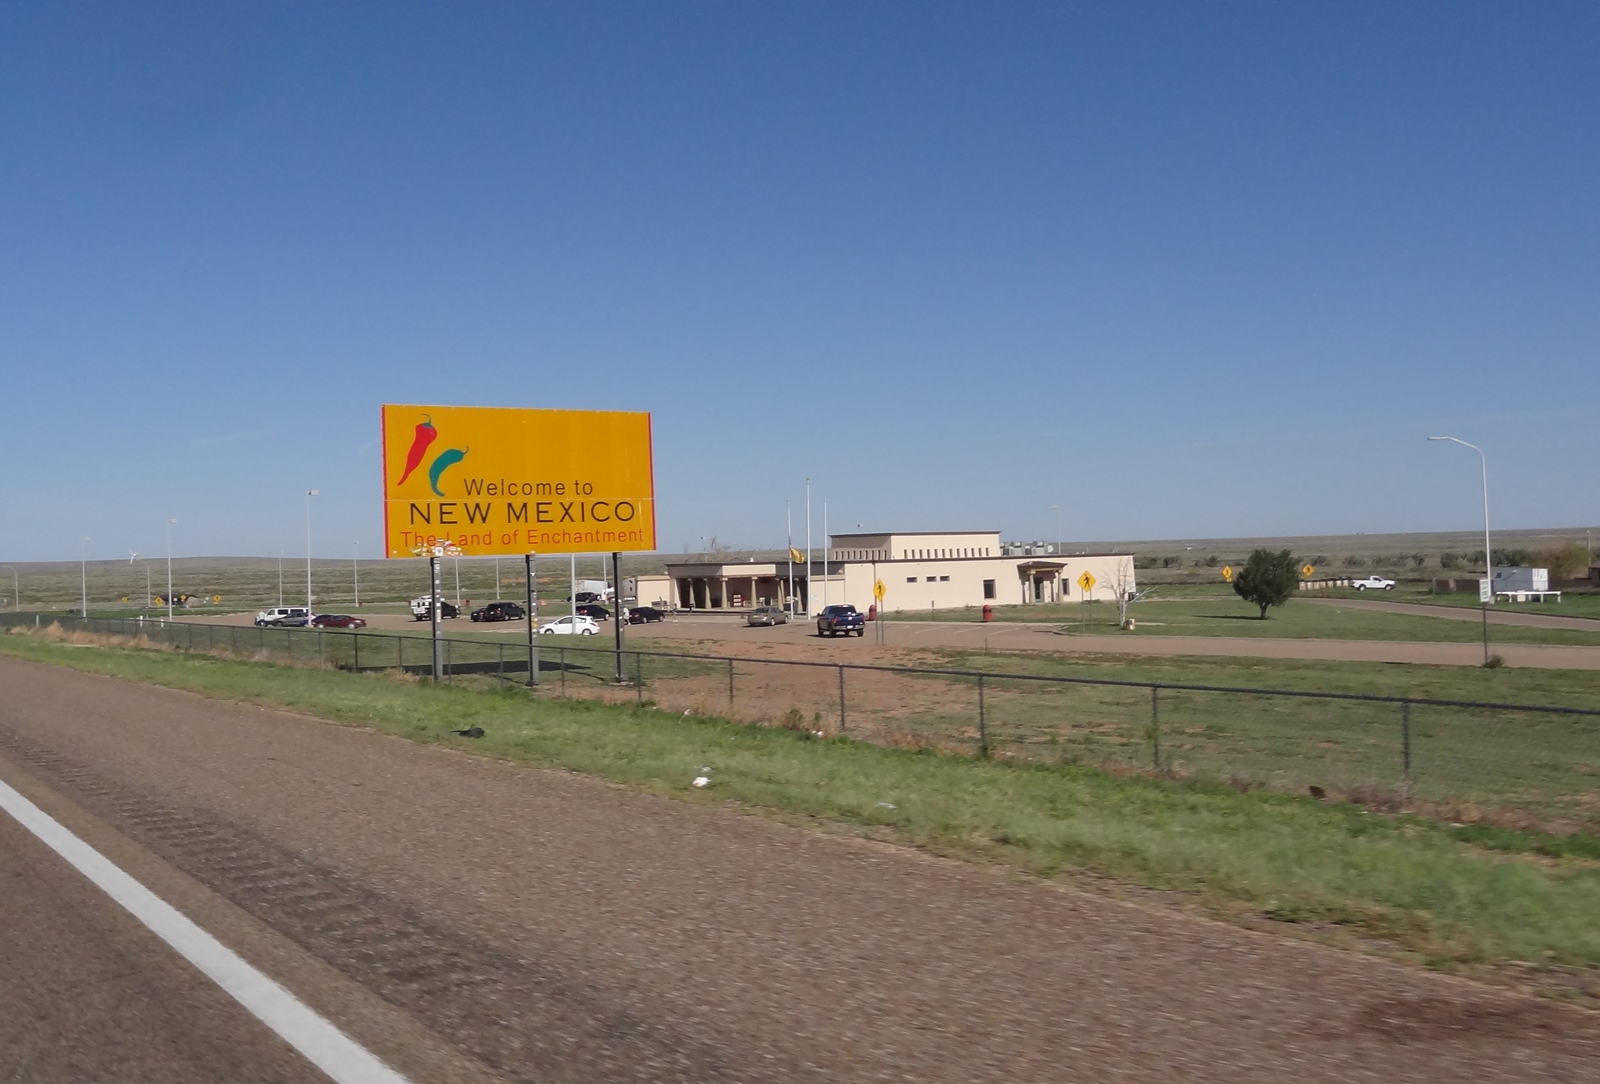 New Mexicoon saapuessamme saimme tunnin lisää, koska aikavyöhyke muuttui tunnilla kauemmas Suomen ajasta (aikaero nyt 9 tuntia).